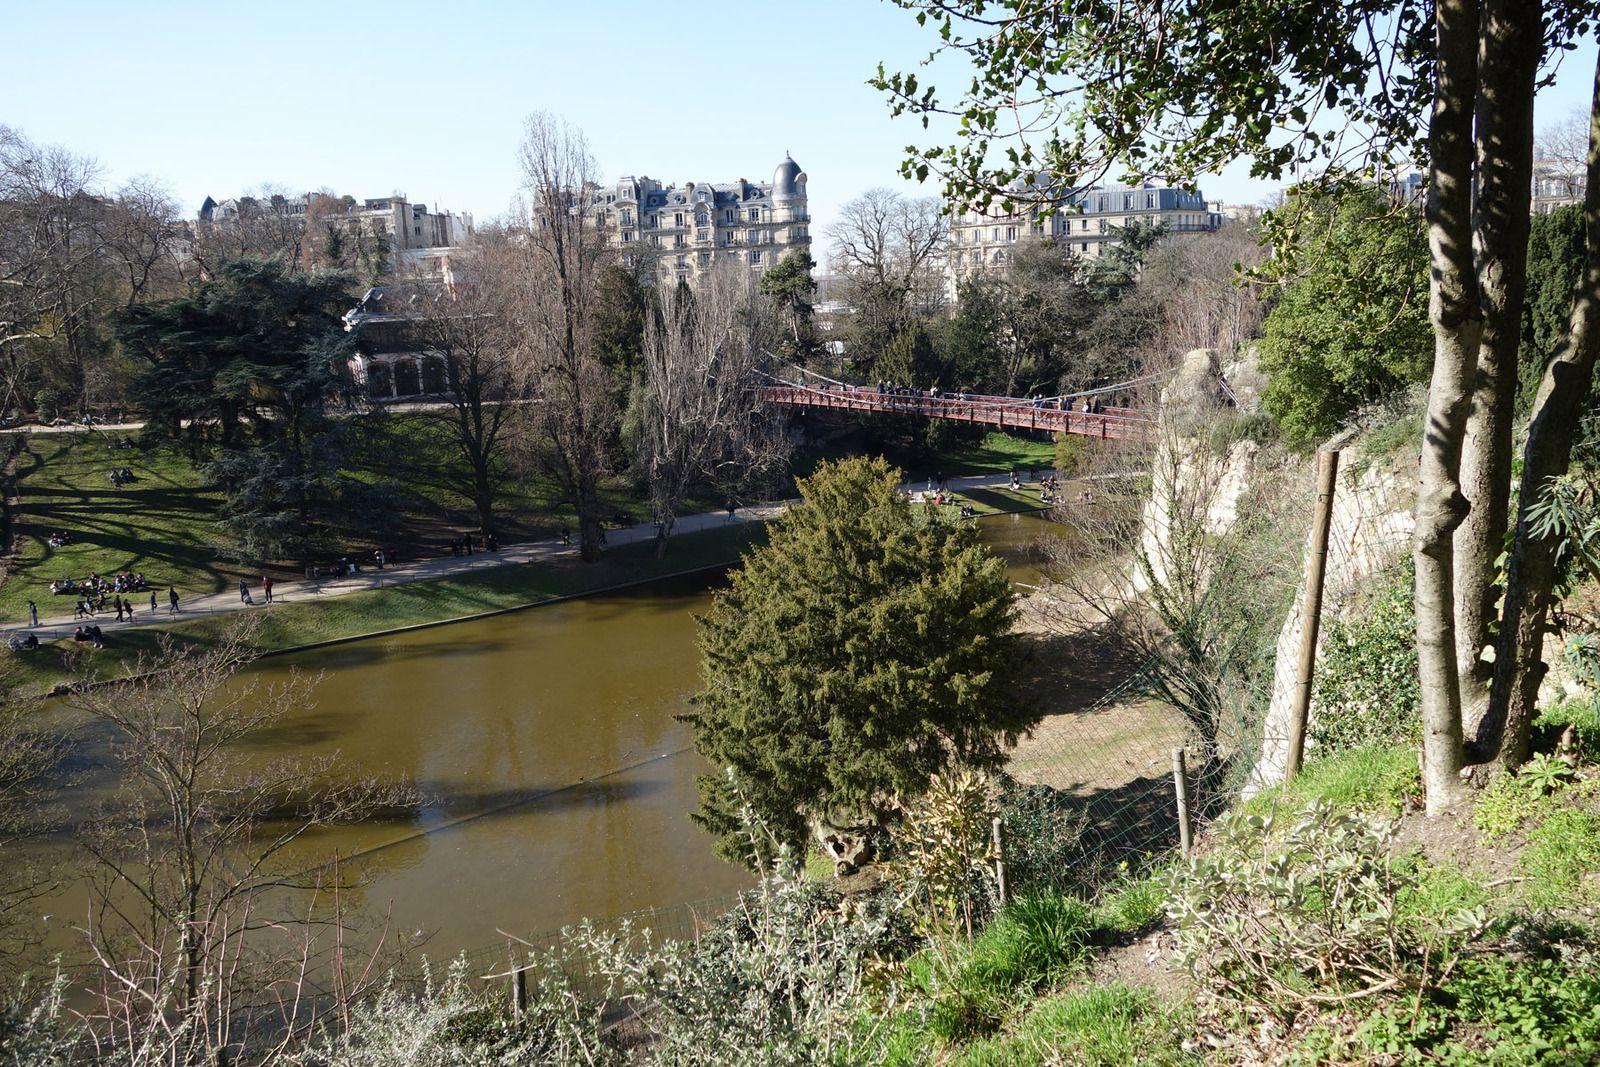 BALADE AUX BUTTES-CHAUMONT A PARIS (27/02/2021)